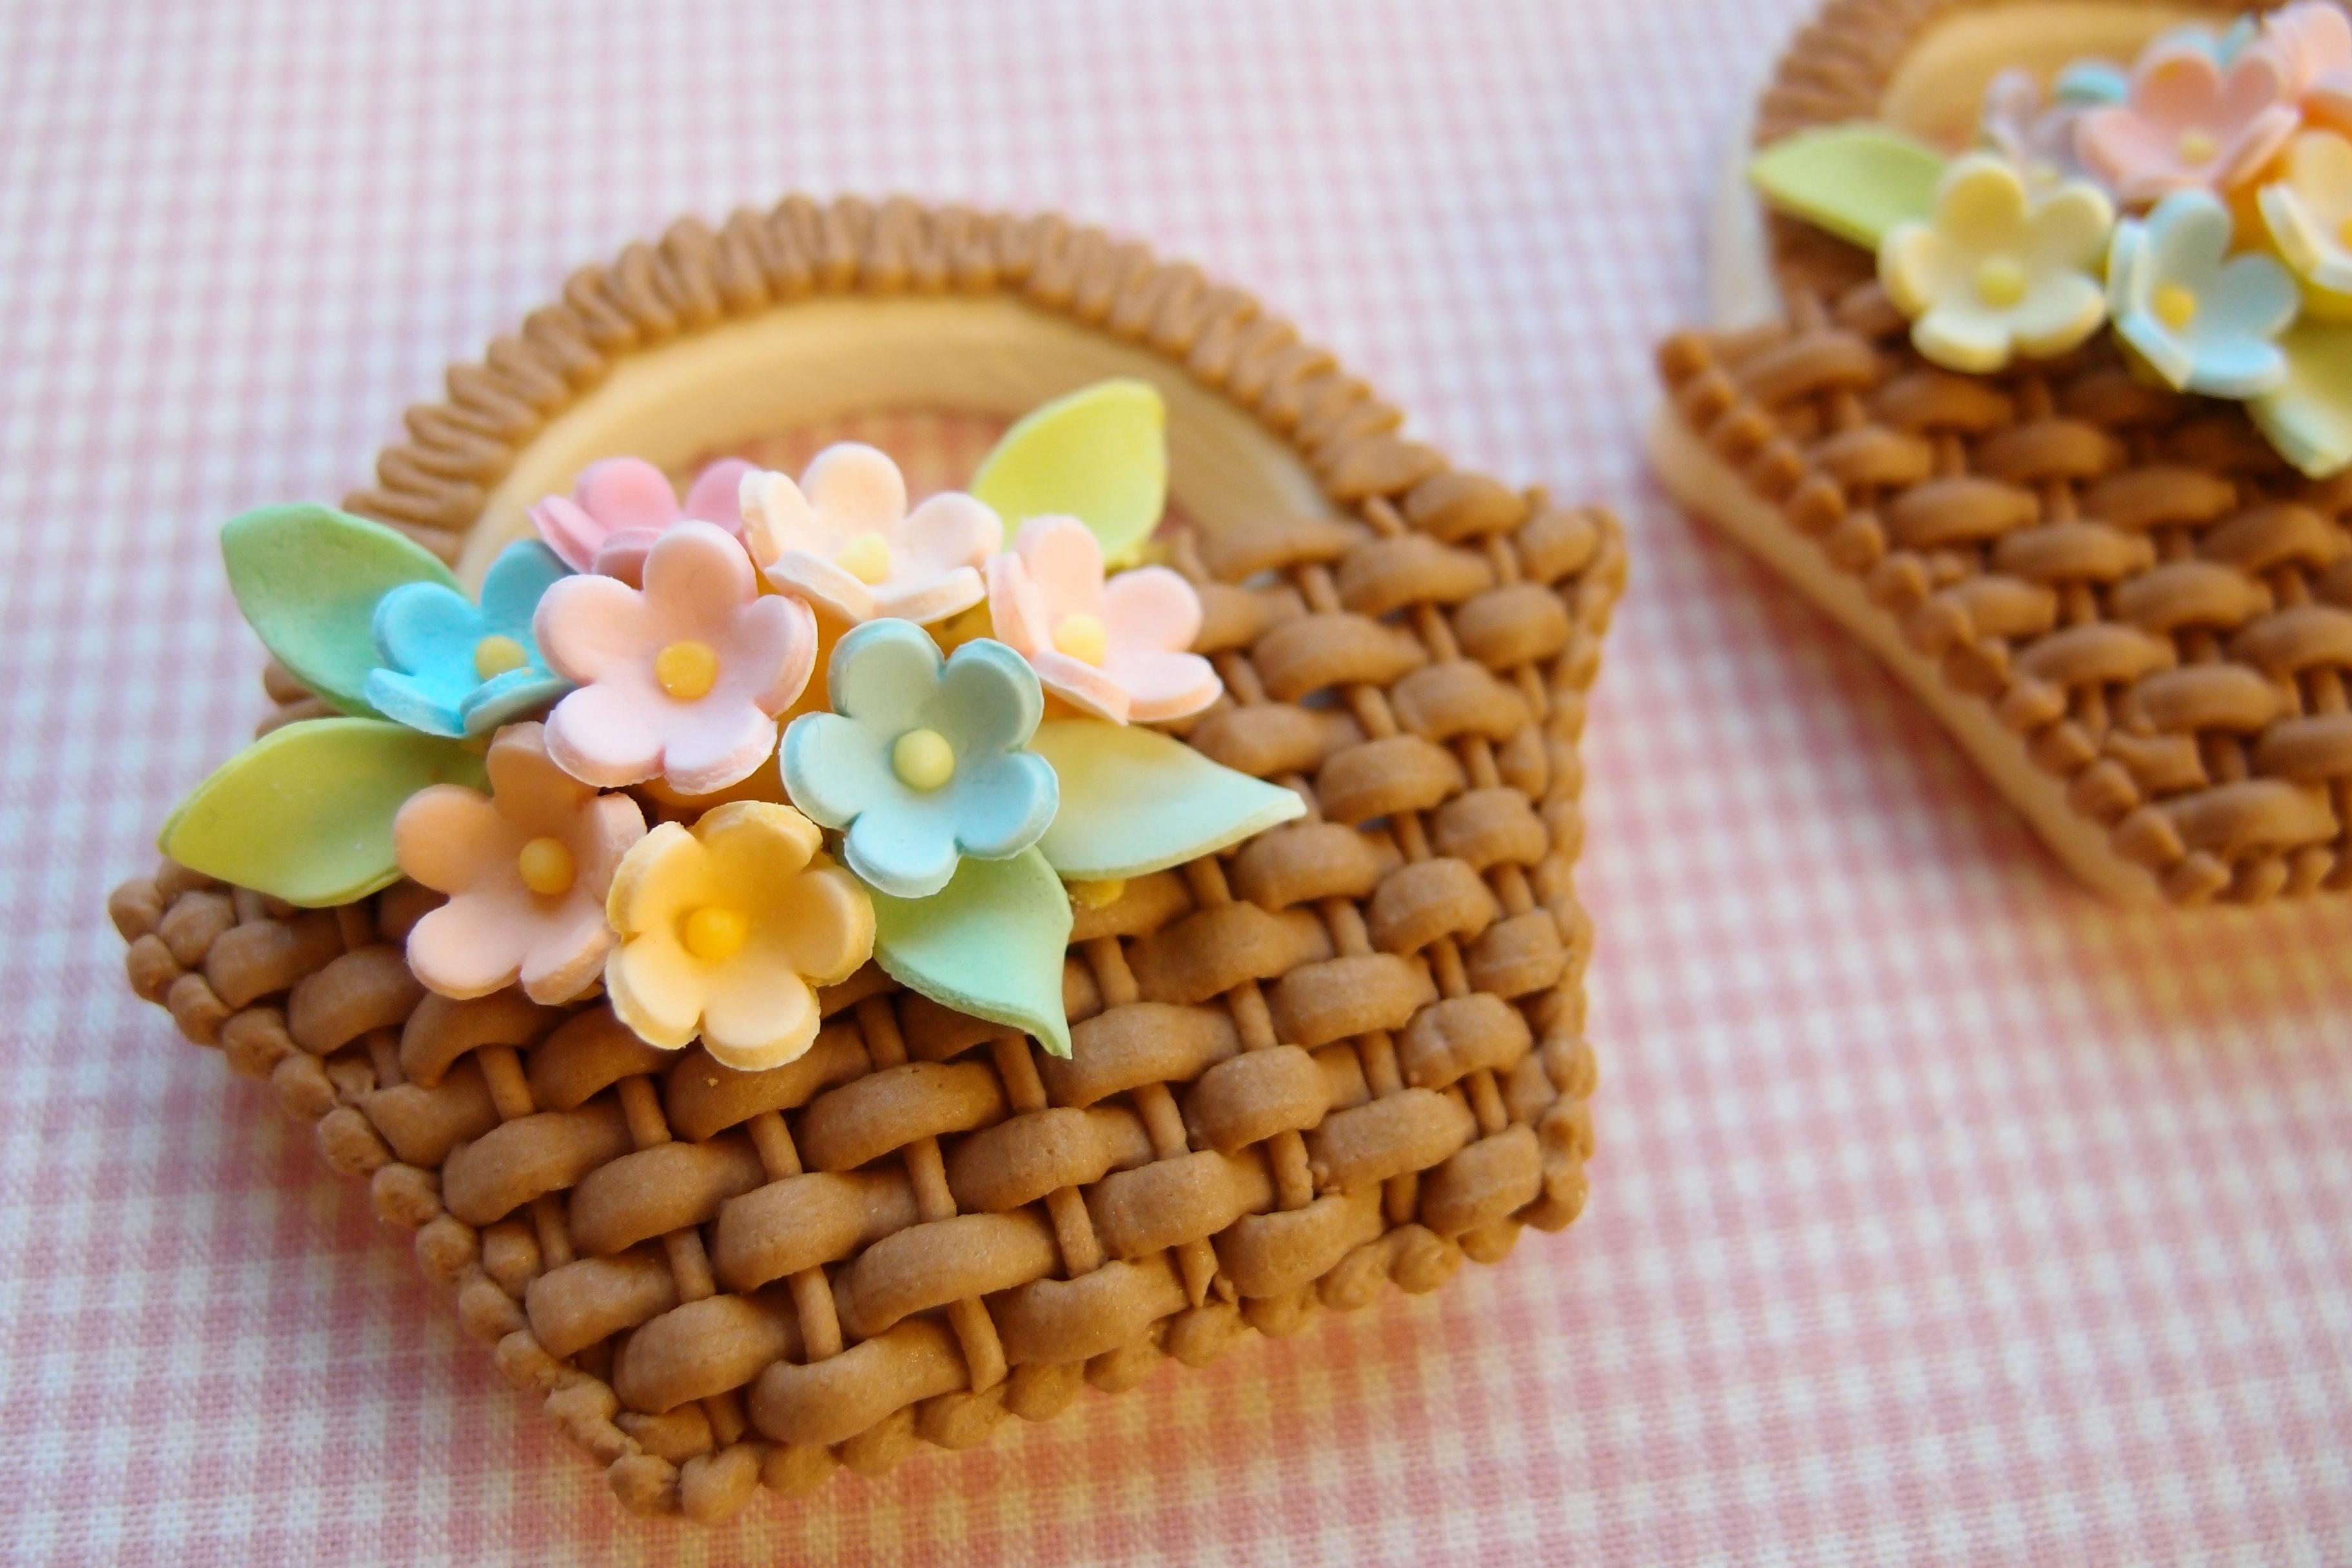 バスケット絞りの花かごアイシングクッキー